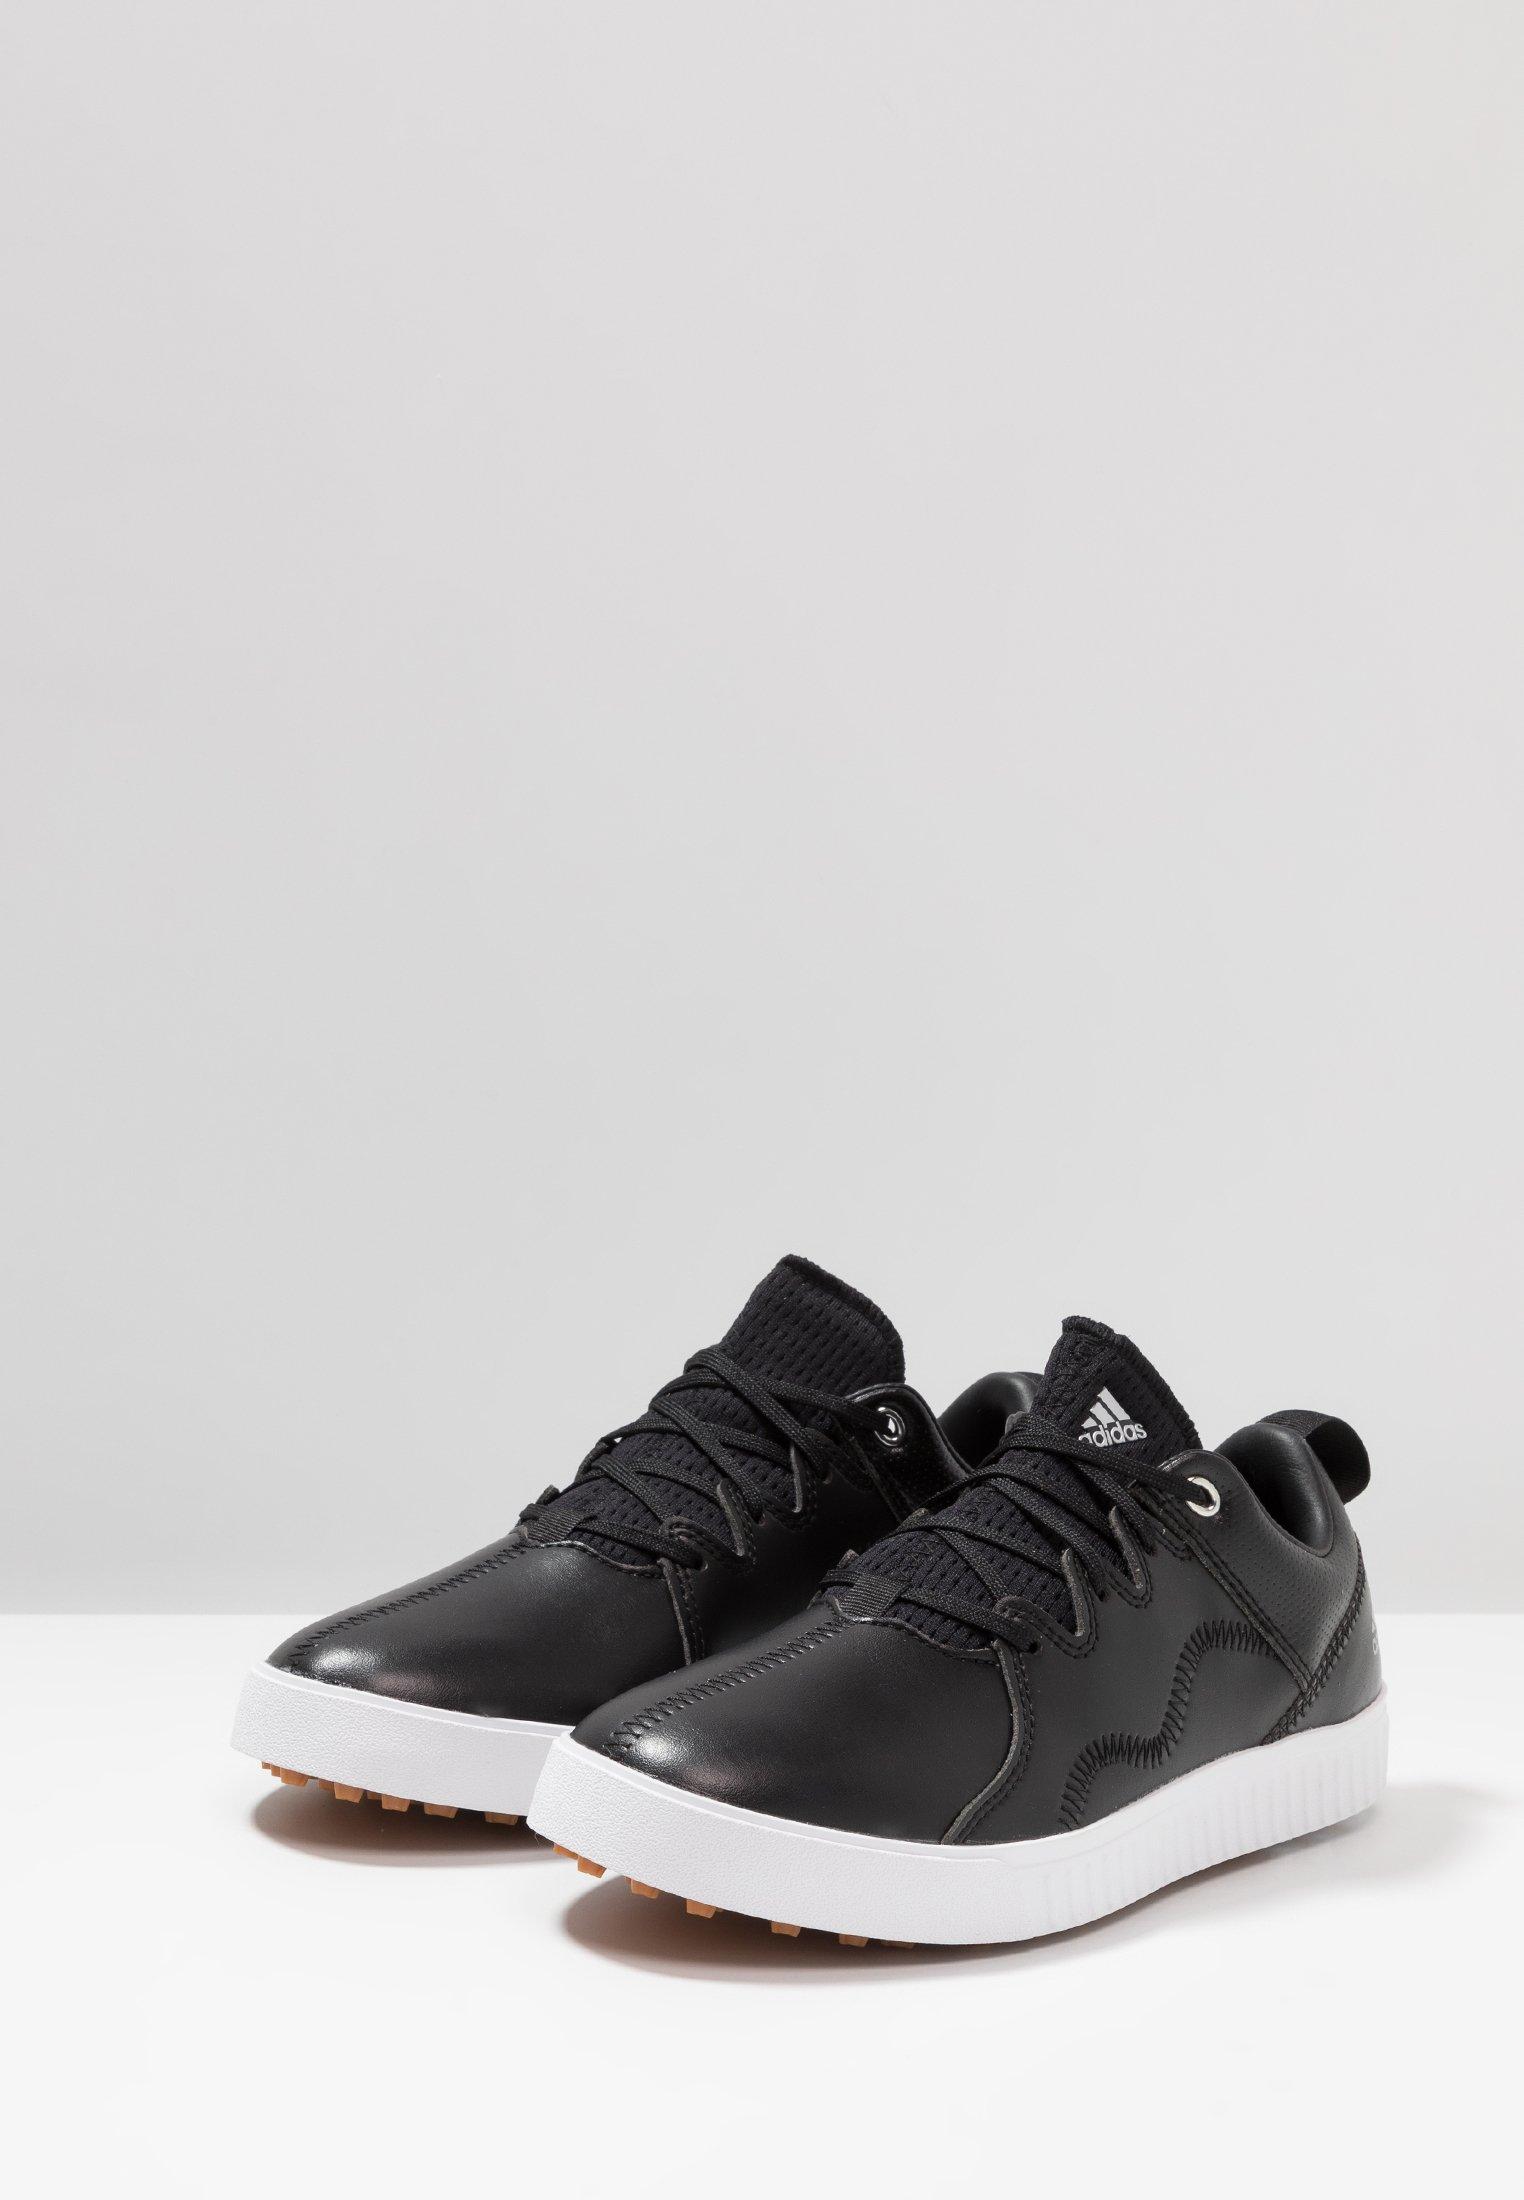 zapatos golf geox zalando